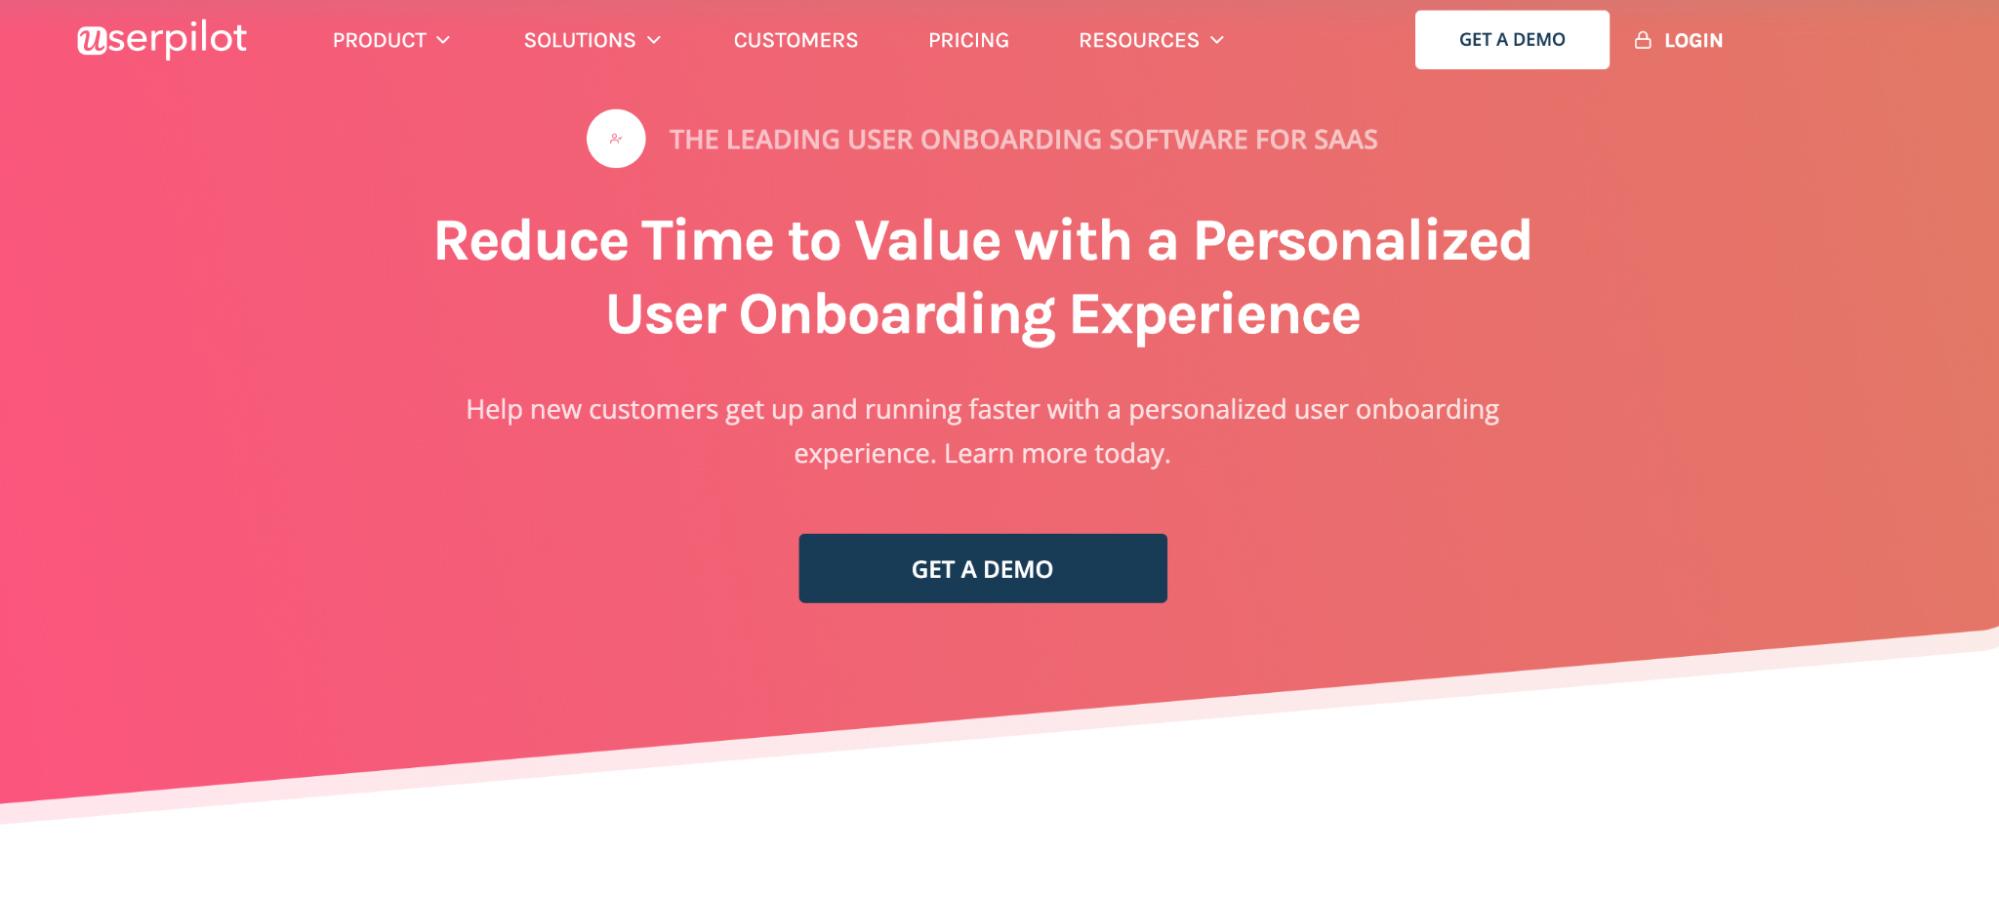 User Onboarding Software: Userpilot screenshot